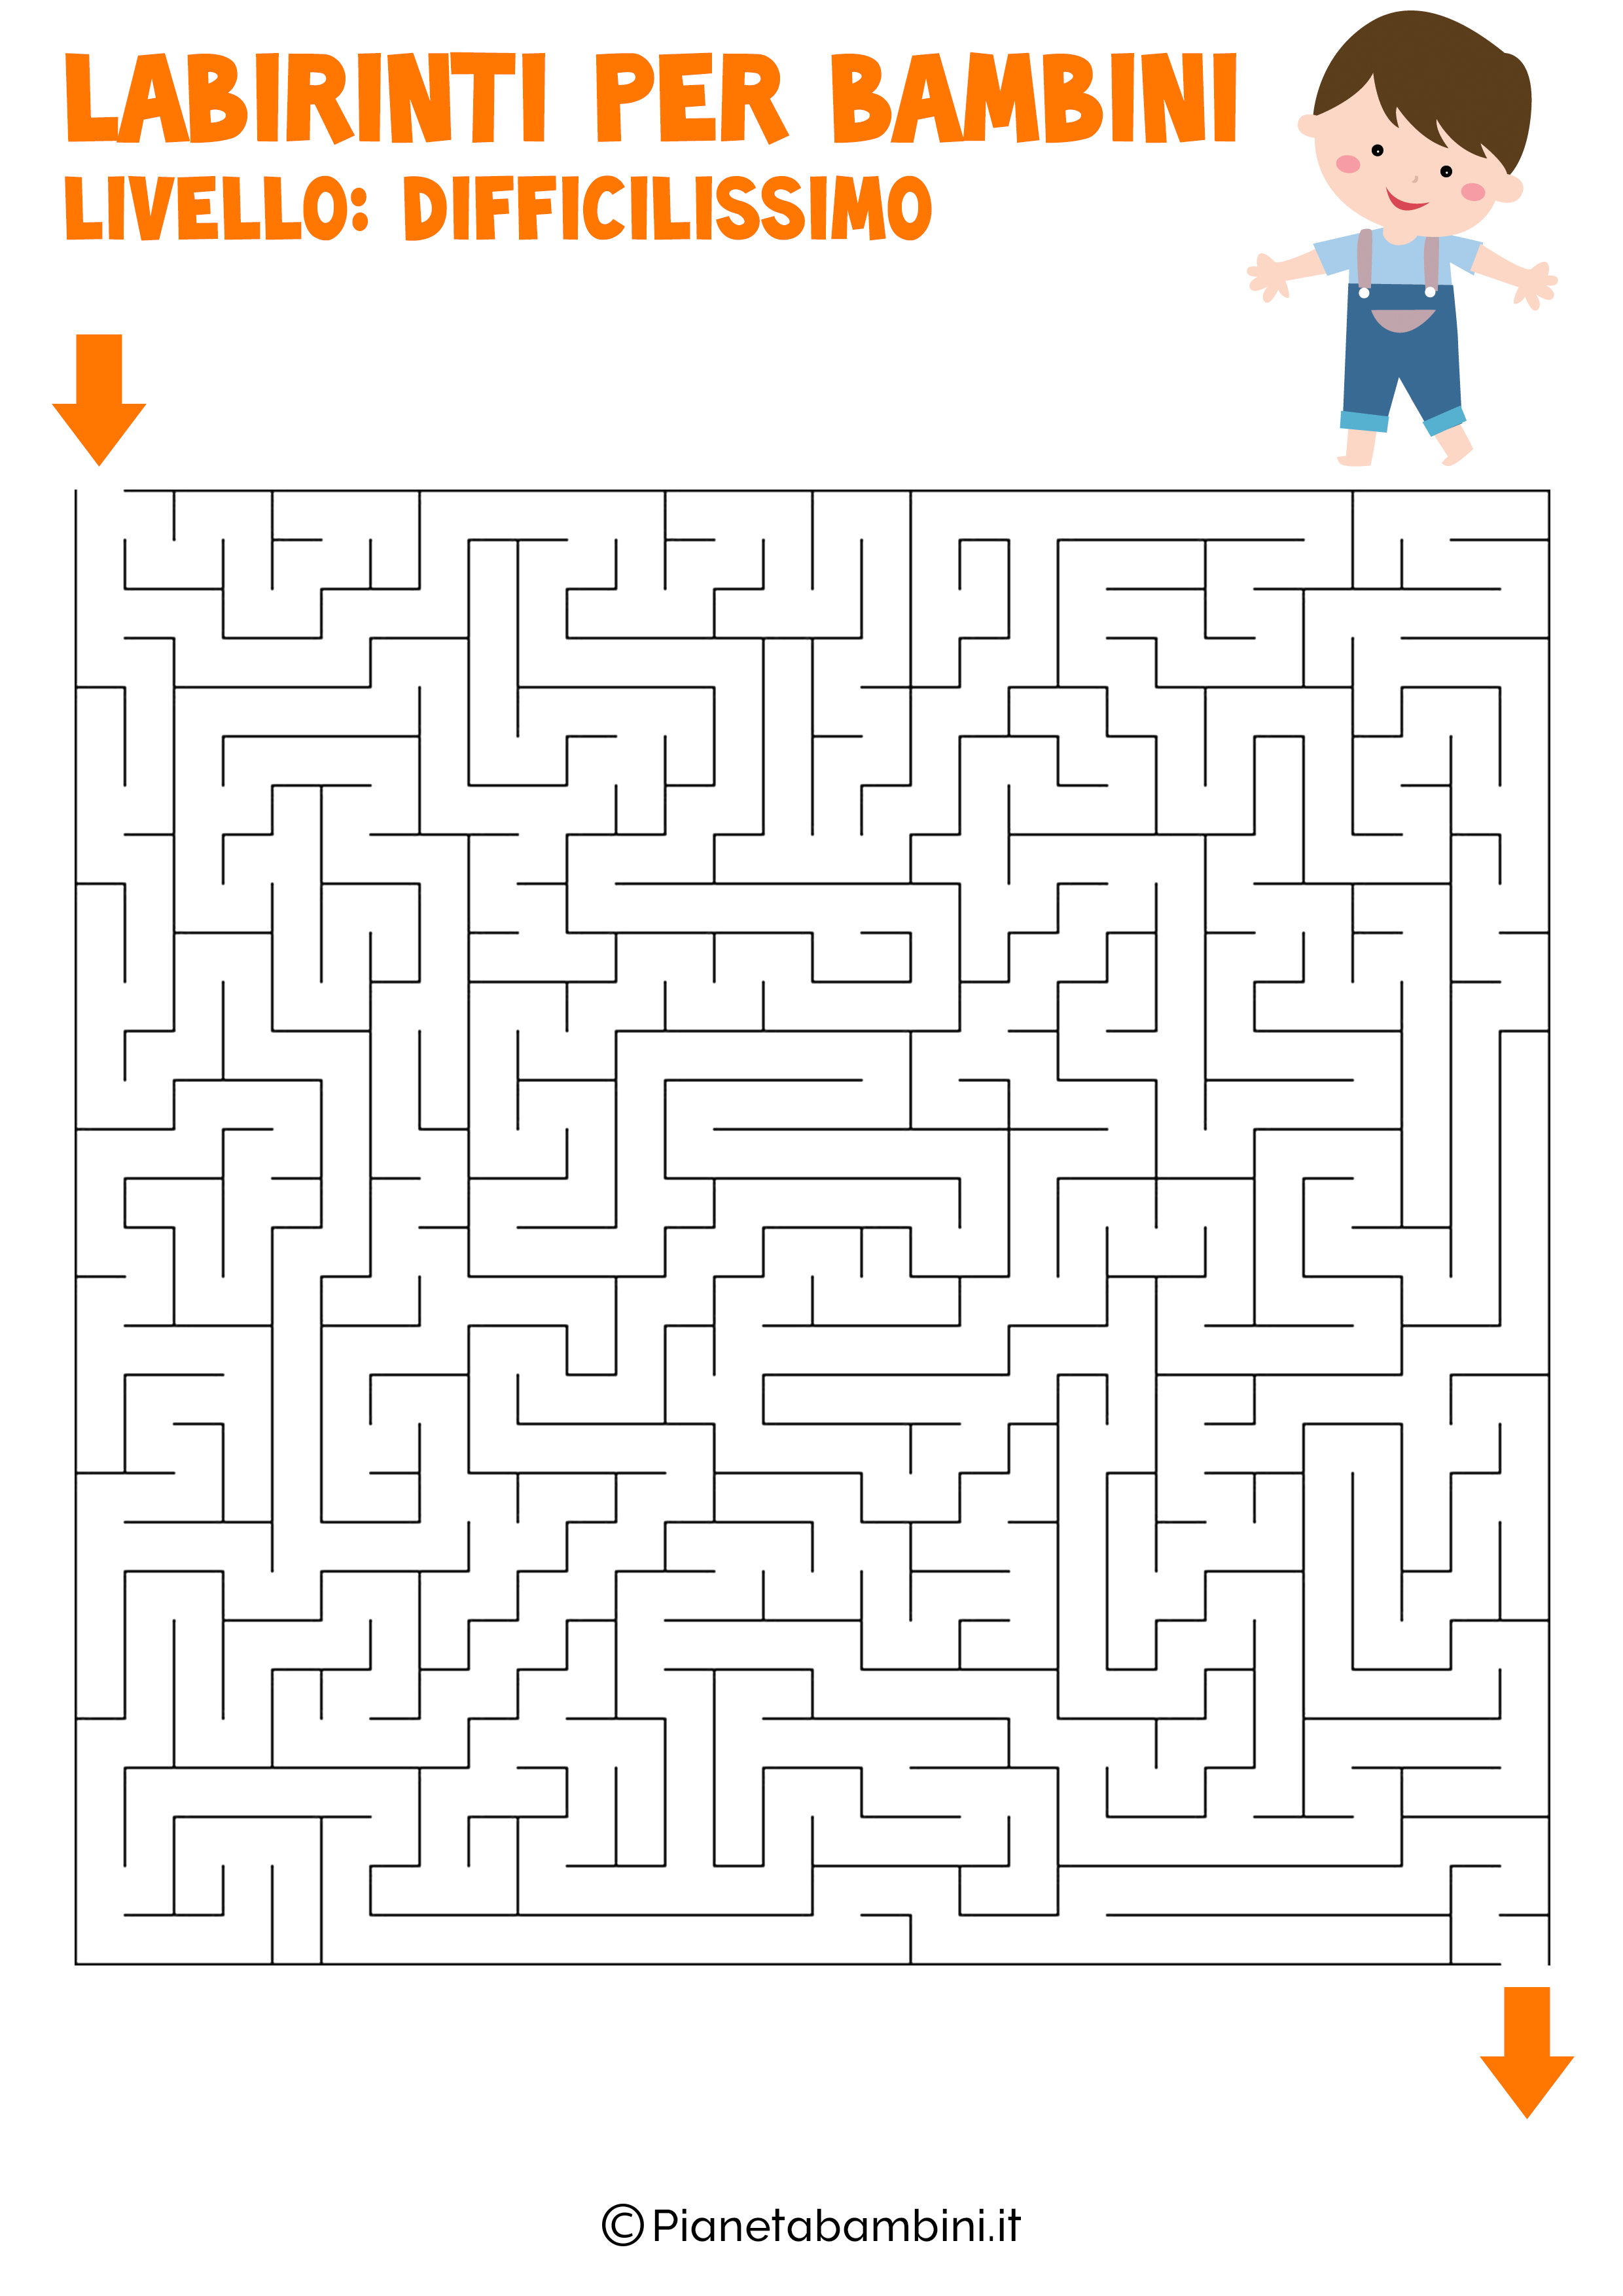 Labirinti-Difficilissimi-Bambini-14